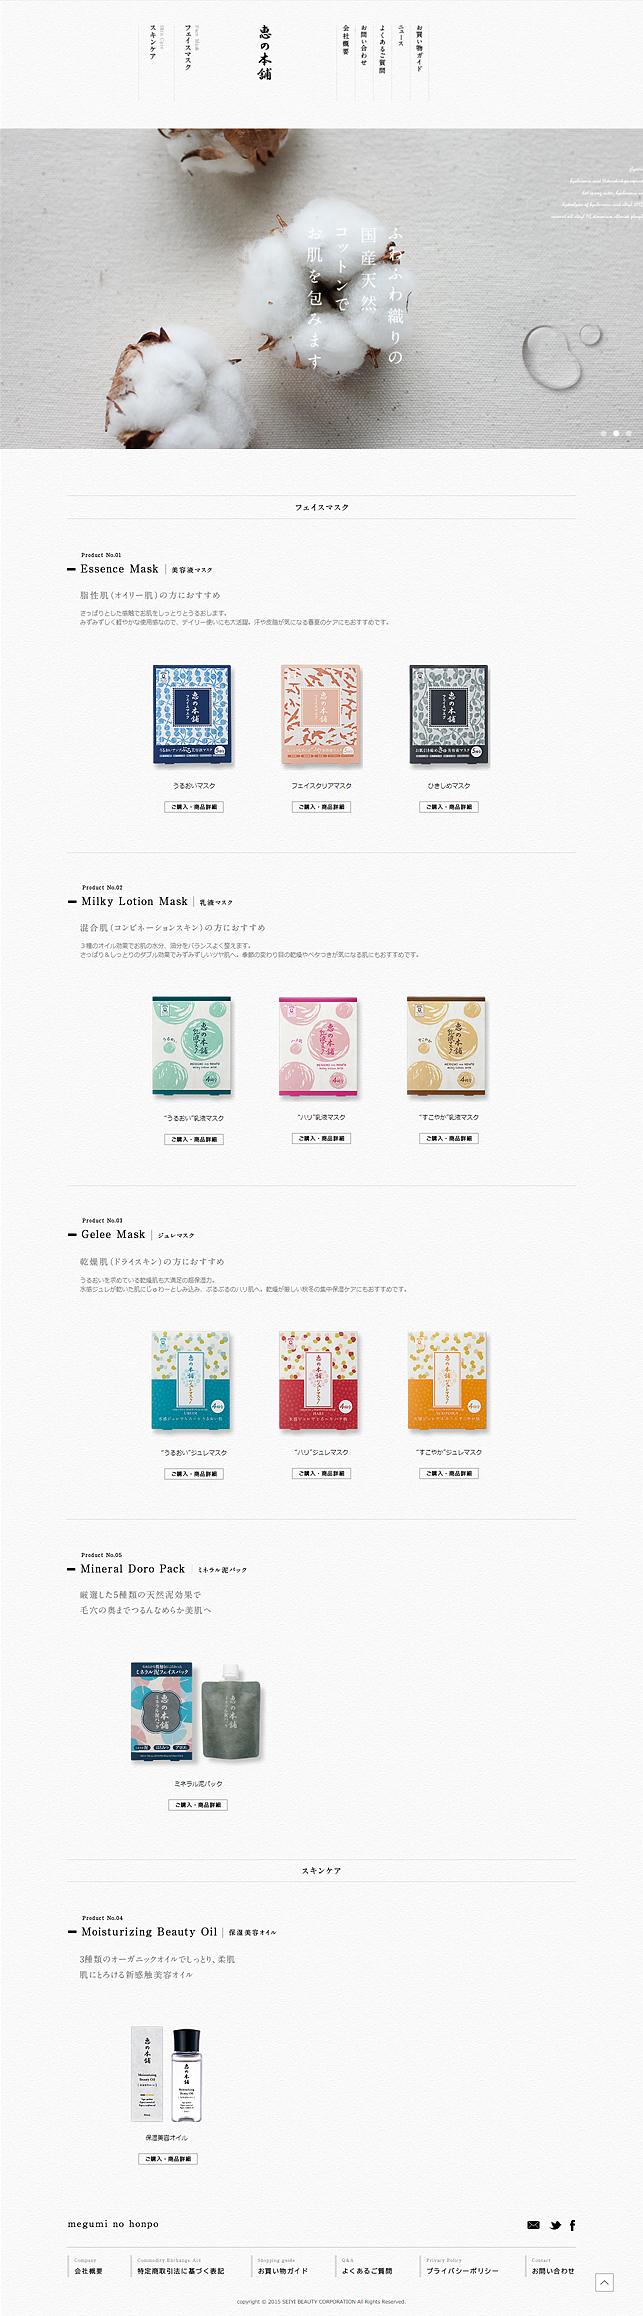 美容・化粧品メーカー・ウェブサイトデザイン実績1p